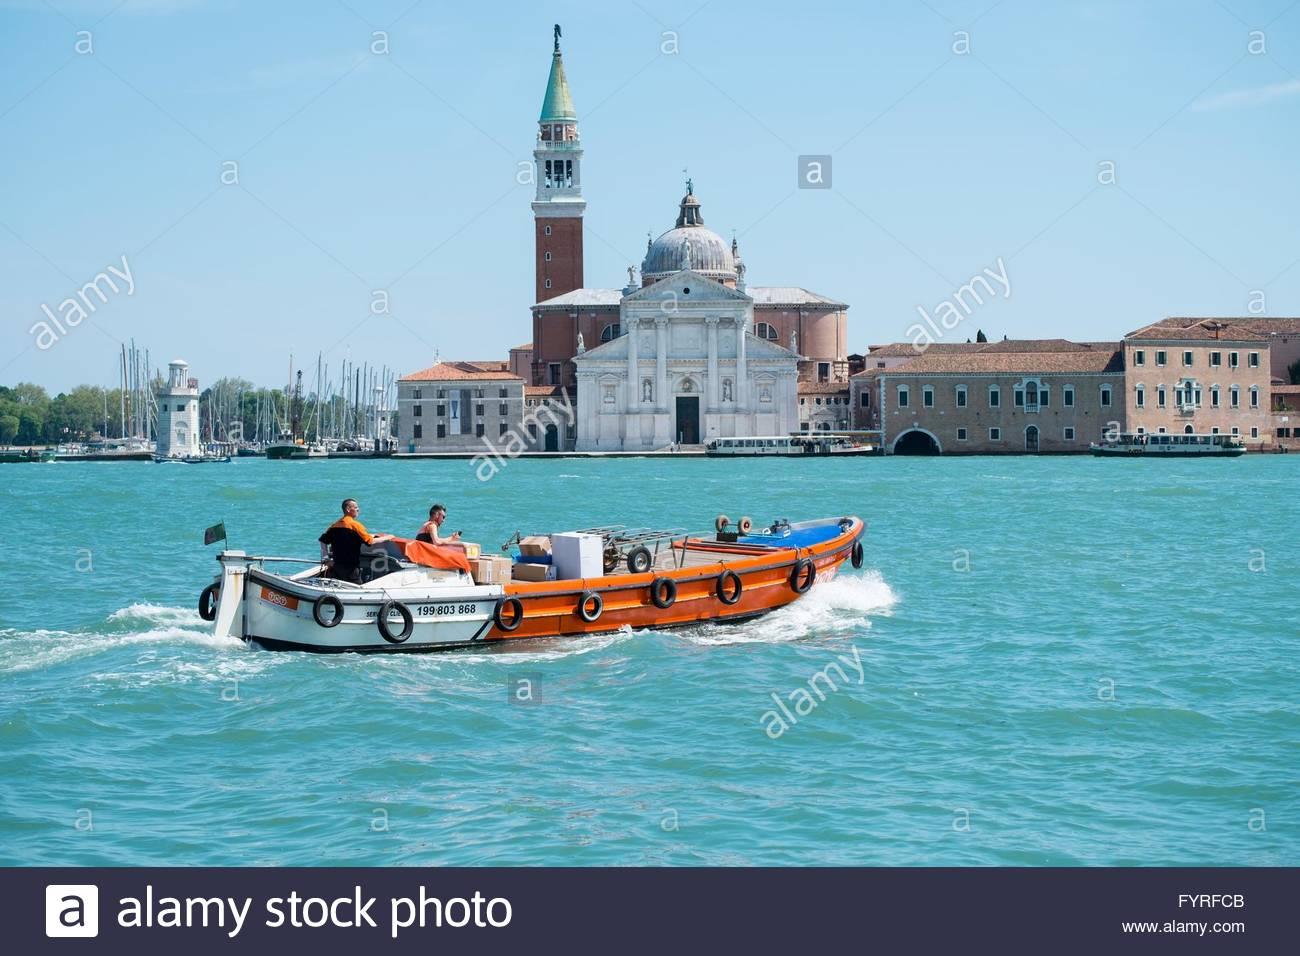 Livraison TNT voyageant en bateau à l'île de la Giudecca Photo Stock